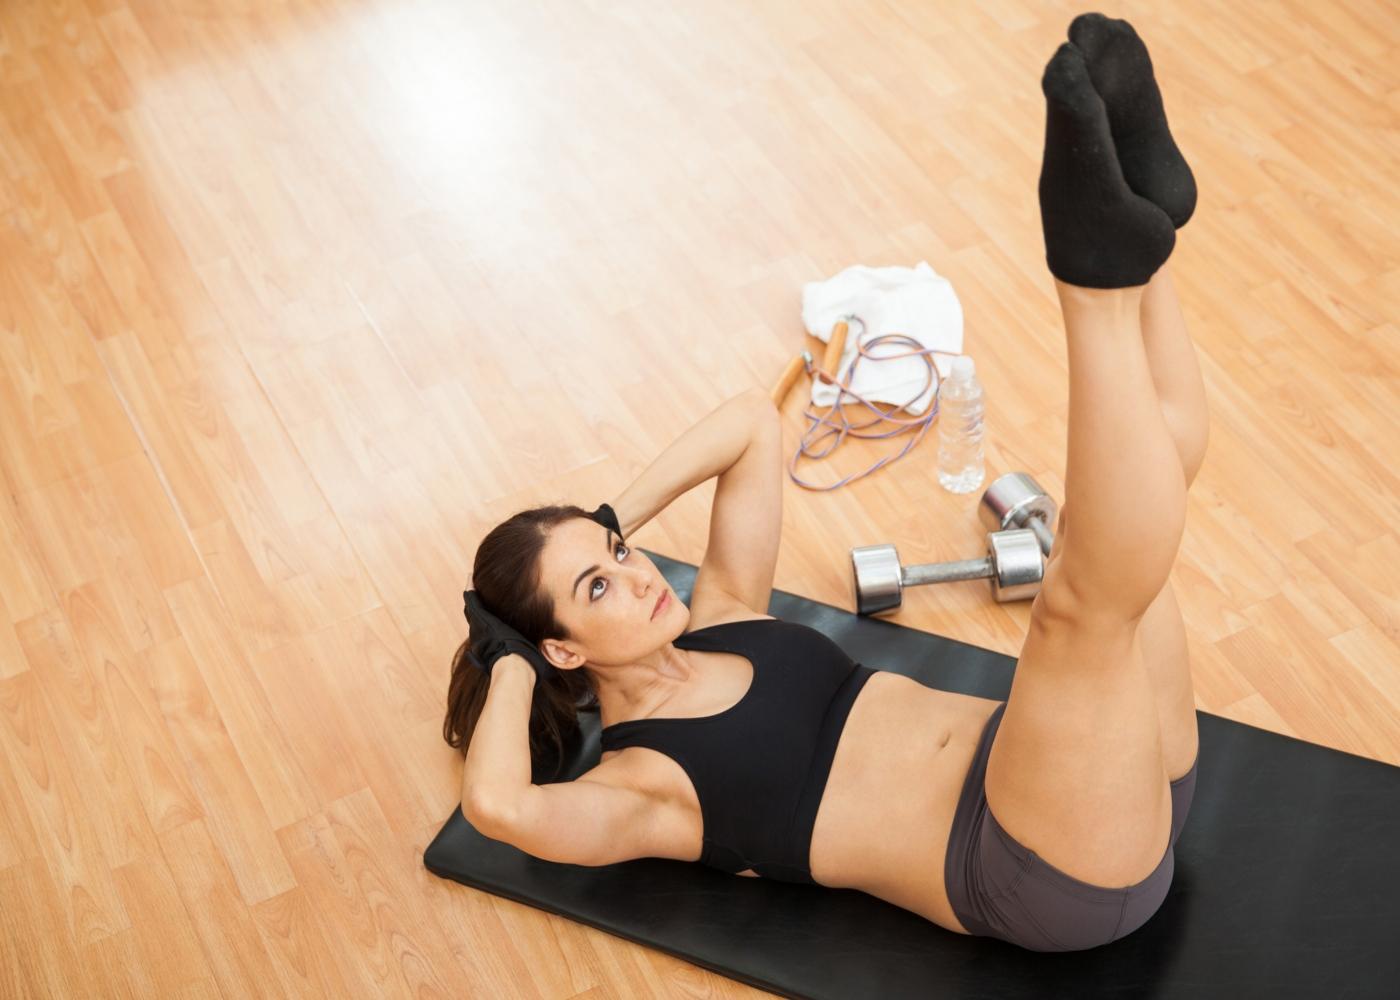 Exercícios para o core: elevação das pernas